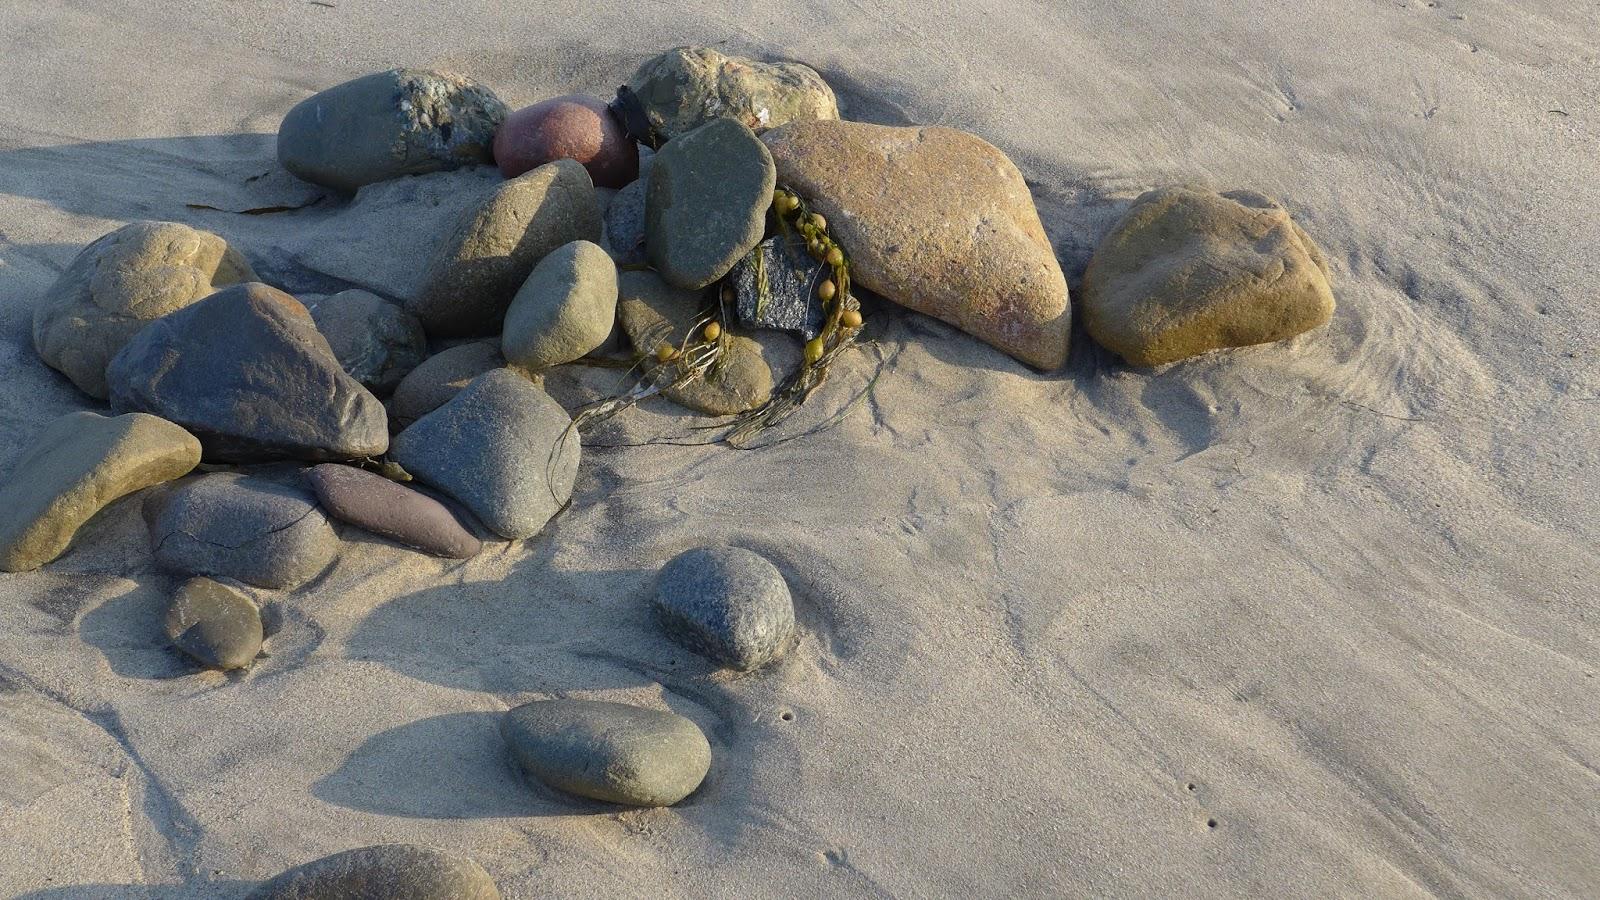 Beached - Zuma Beach, Malibu, CA